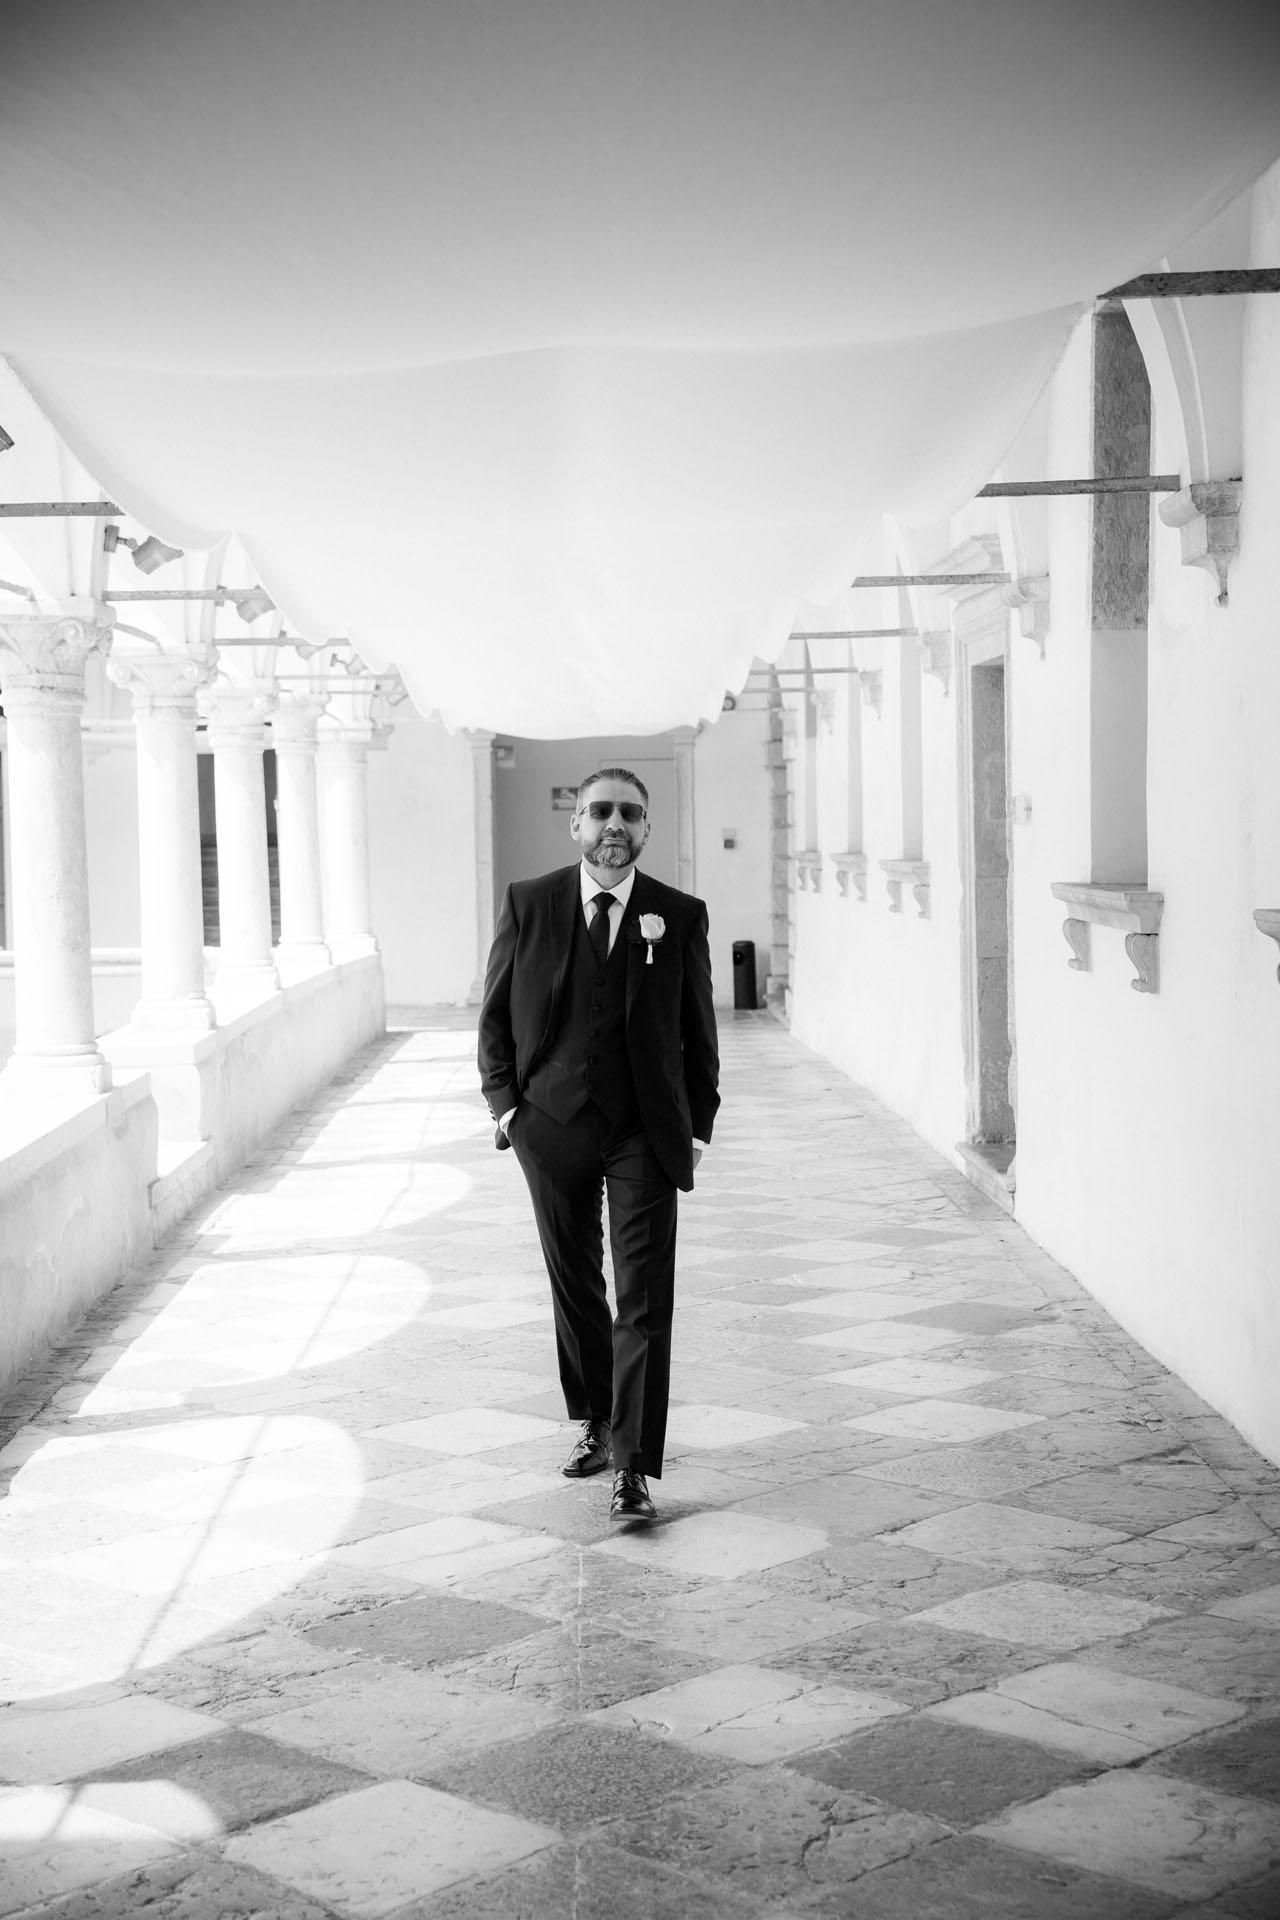 Jessica-Jason-Lo-Sposo-Weddingdestination-Storytelling-Renato-Zanette-Fotografo-Convento-San-Francesco-Conegliano-Treviso-Veneto